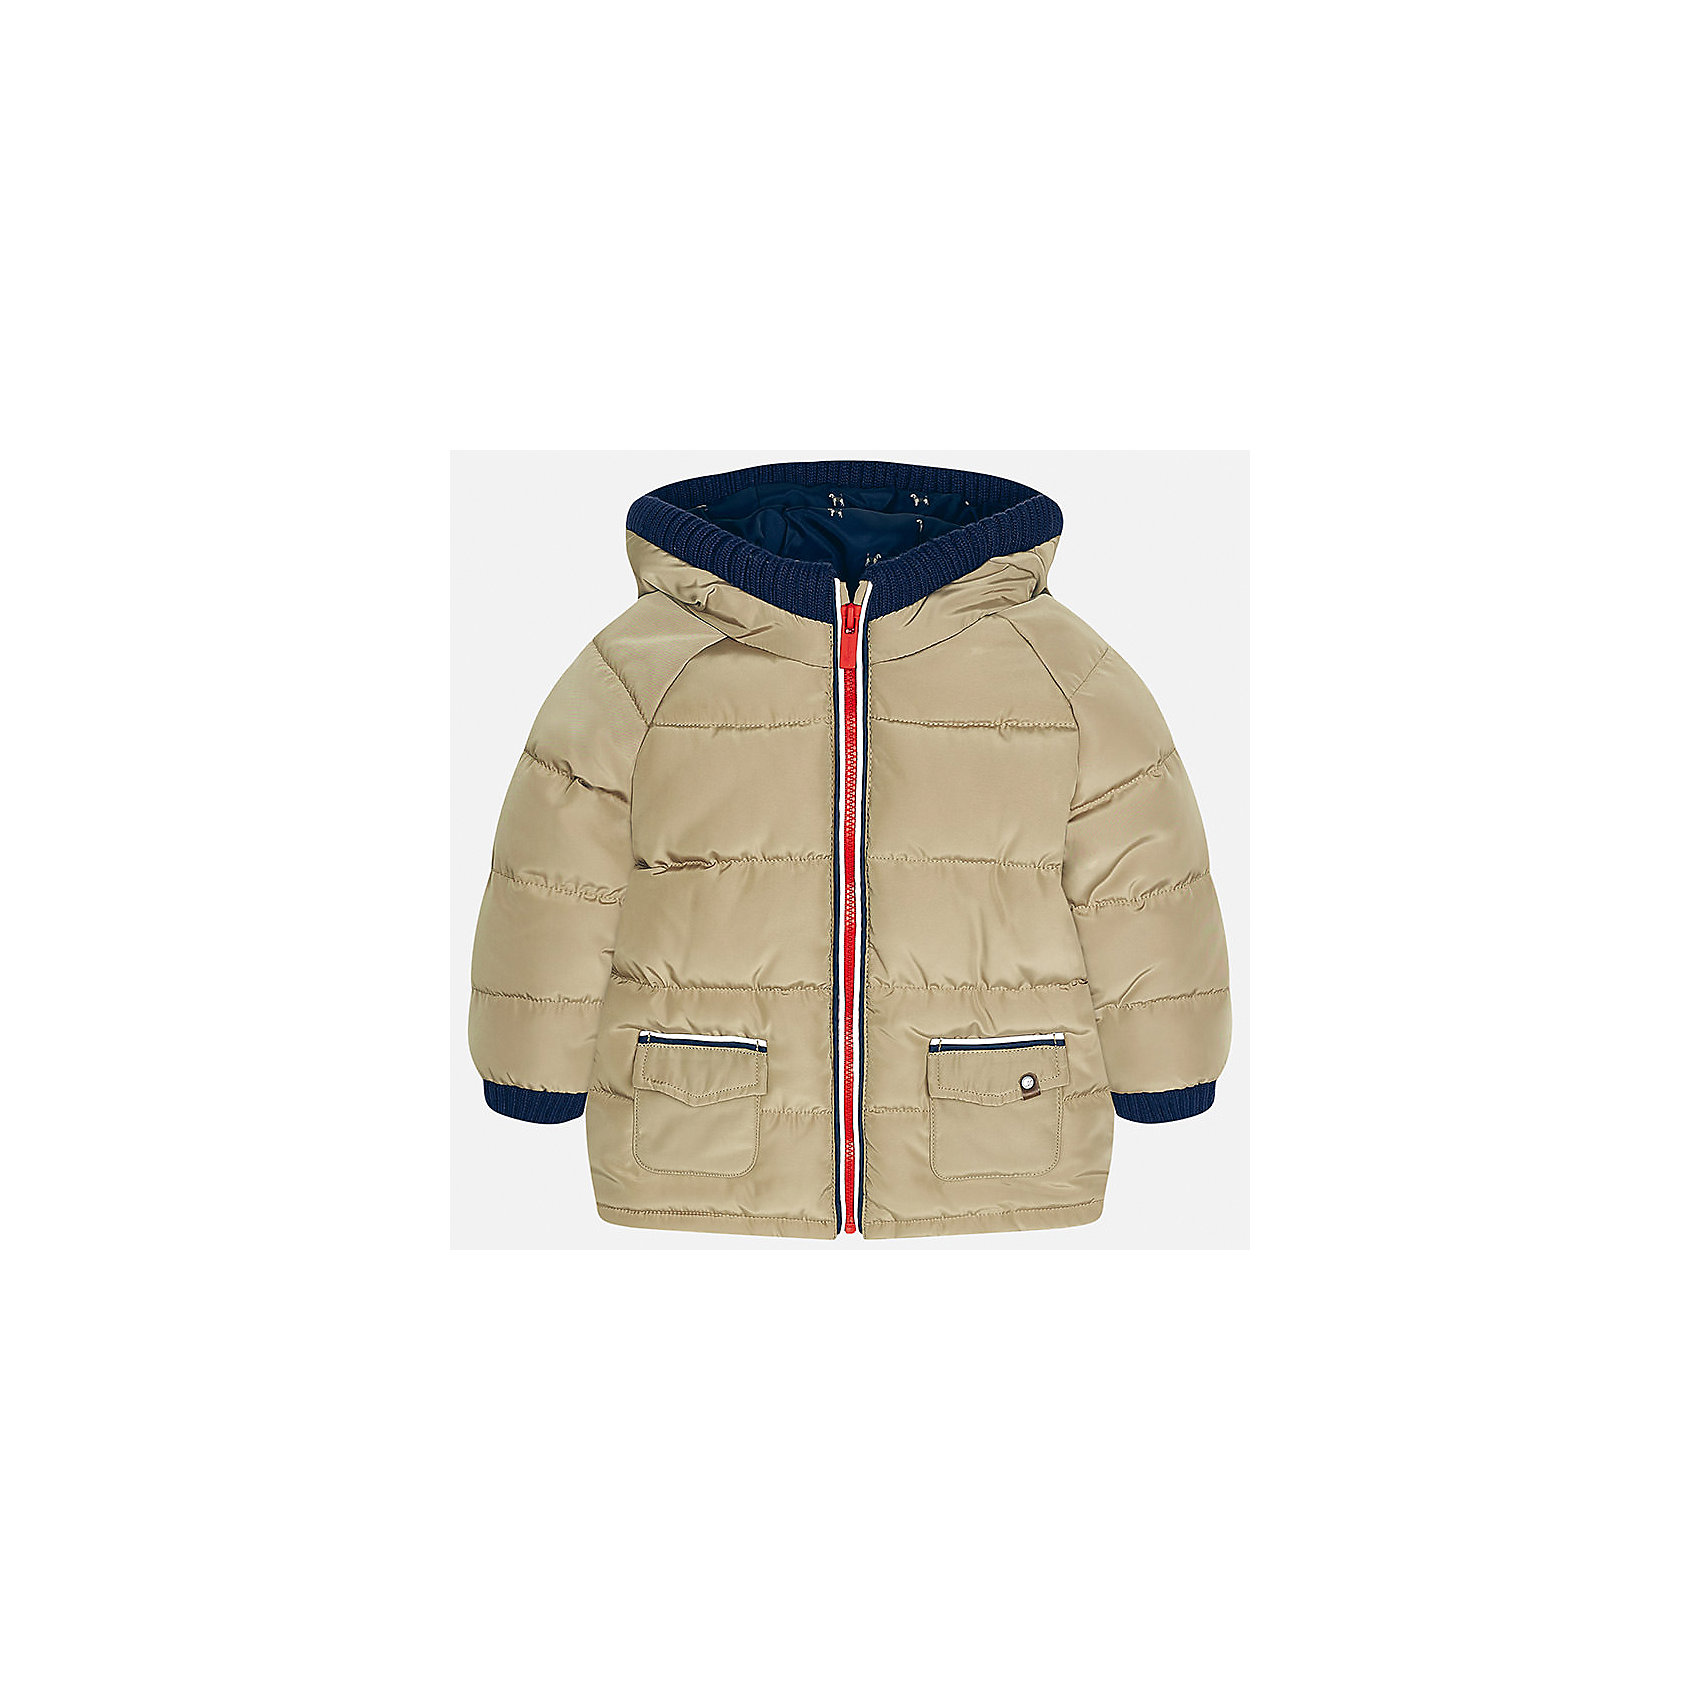 Куртка для мальчика MayoralВерхняя одежда<br>Характеристики товара:<br><br>• цвет: бежевый<br>• состав ткани: 100% полиэстер<br>• подкладка: 100% полиэстер<br>• утеплитель: 100% полиэстер<br>• сезон: демисезон<br>• температурный режим: от -10 до +10<br>• особенности модели: с капюшоном, дутая<br>• капюшон: несъемный<br>• застежка: молния<br>• страна бренда: Испания<br>• страна изготовитель: Индия<br><br>Такая детская куртка сделана из легкого, но теплого материала. Благодаря качественной ткани детской куртки для мальчика создаются комфортные условия для тела. Эта куртка для мальчика отличается стильным продуманным дизайном.<br><br>Куртку для мальчика Mayoral (Майорал) можно купить в нашем интернет-магазине.<br><br>Ширина мм: 356<br>Глубина мм: 10<br>Высота мм: 245<br>Вес г: 519<br>Цвет: бежевый<br>Возраст от месяцев: 24<br>Возраст до месяцев: 36<br>Пол: Мужской<br>Возраст: Детский<br>Размер: 98,80,86,92<br>SKU: 6935155